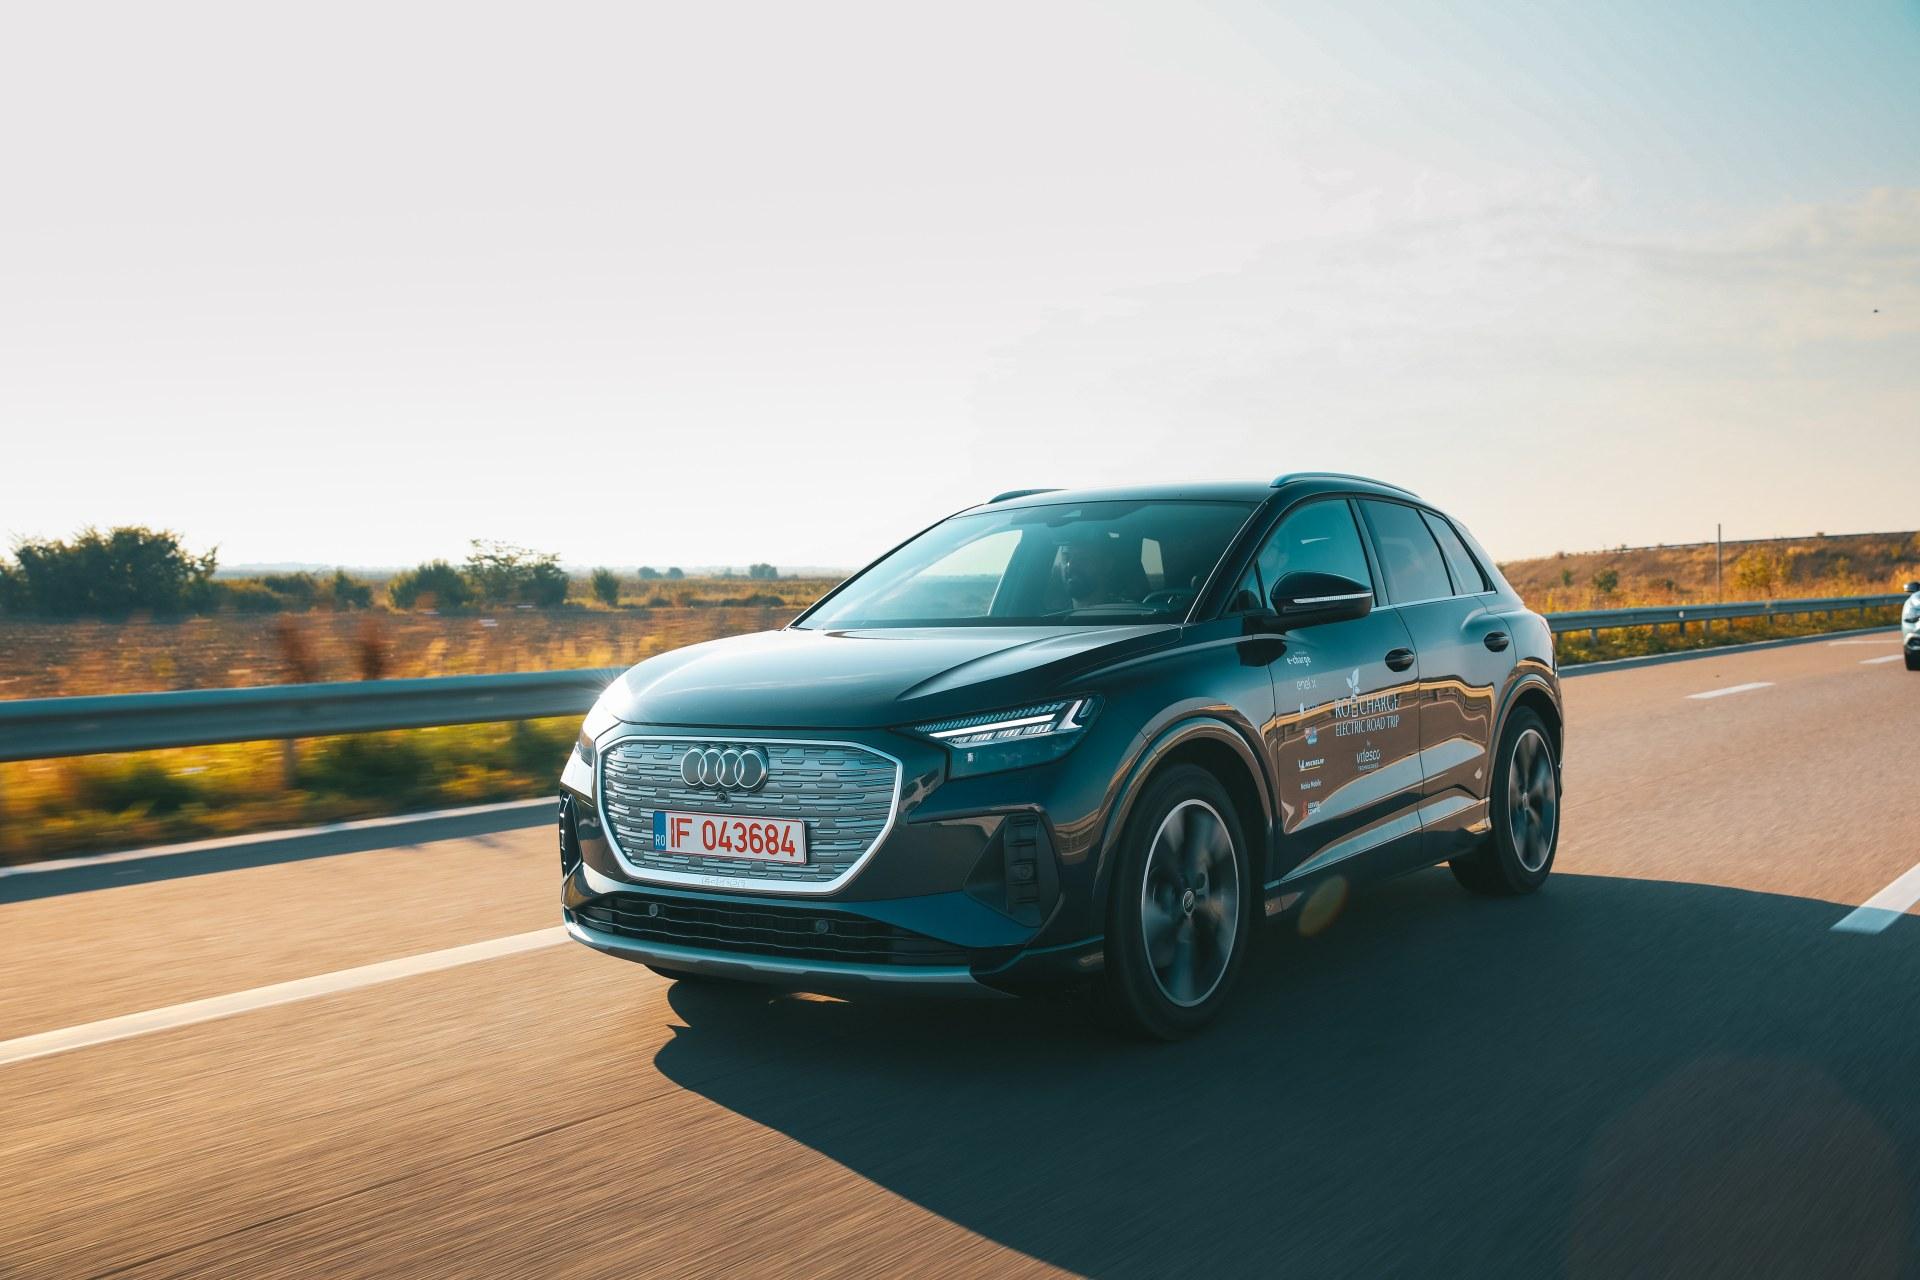 driven-2021-audi-q4-e-tron-50-quattro-audi-s-version-of-the-id4-170546_1.jpg